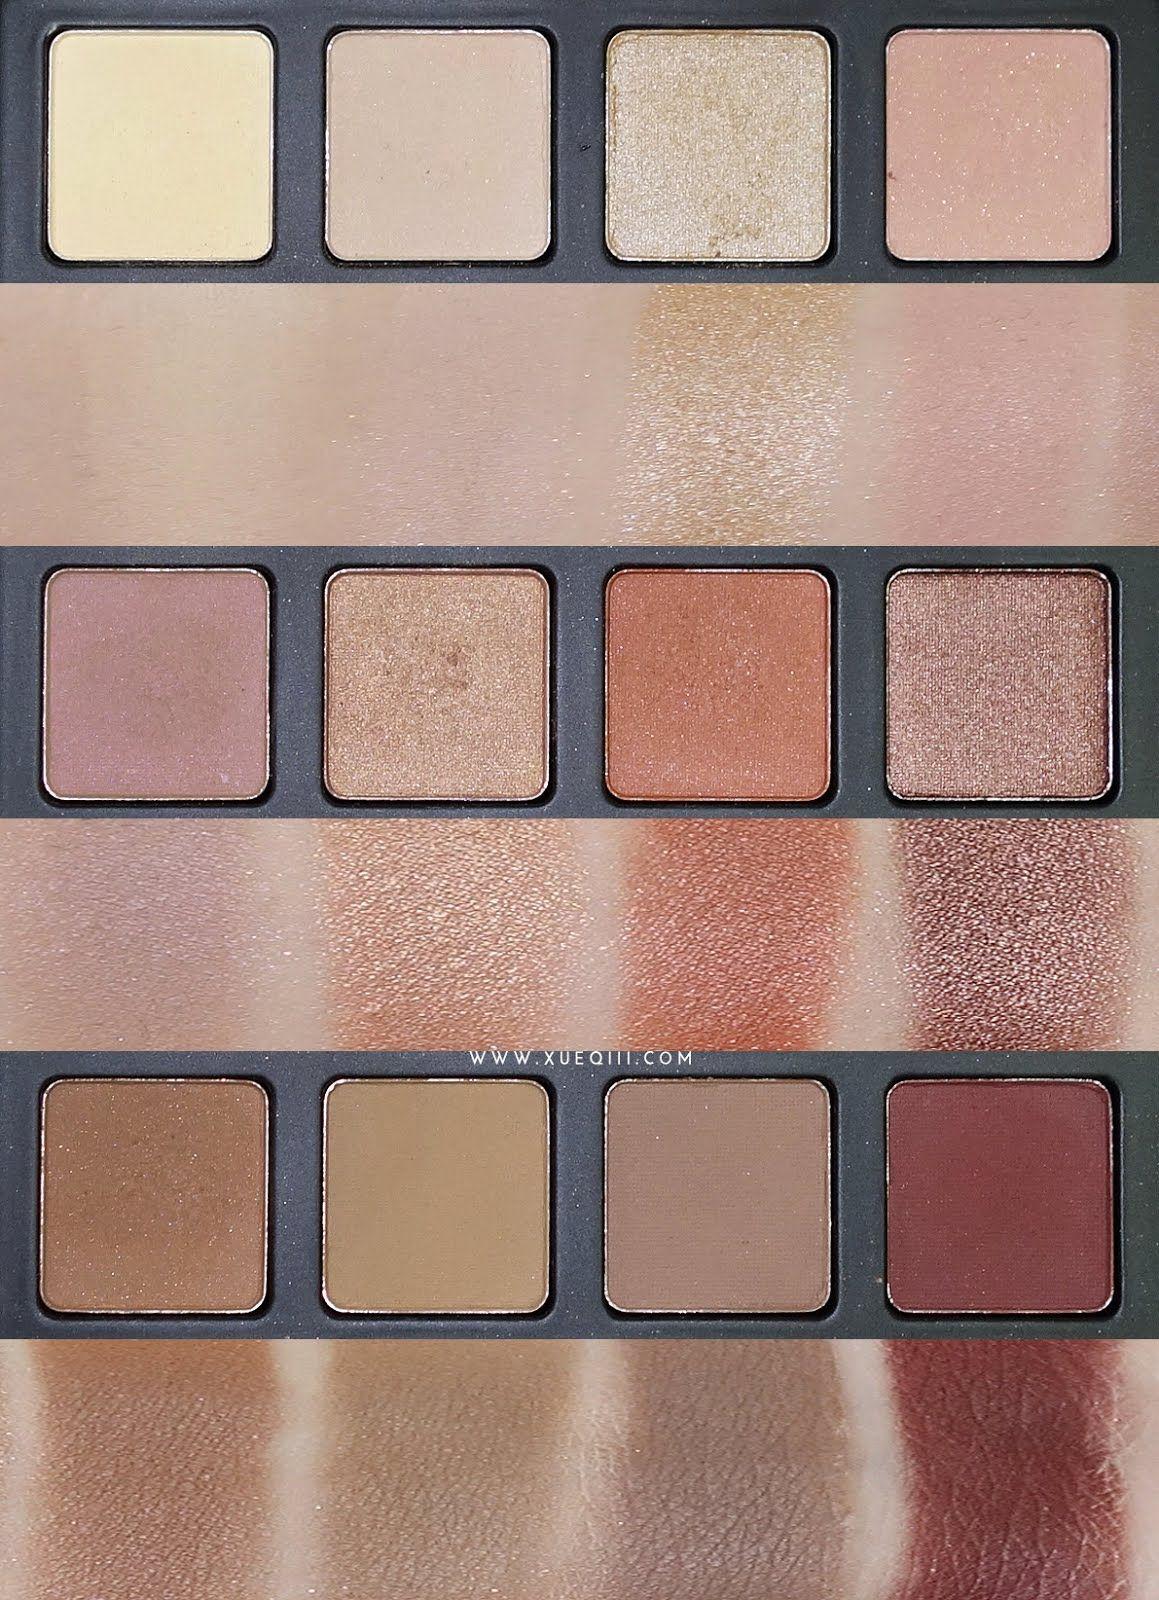 Morphe 35k eyeshadow palette review beauty in bold - Morphe Brushes 12nb Palette Review And Swatches